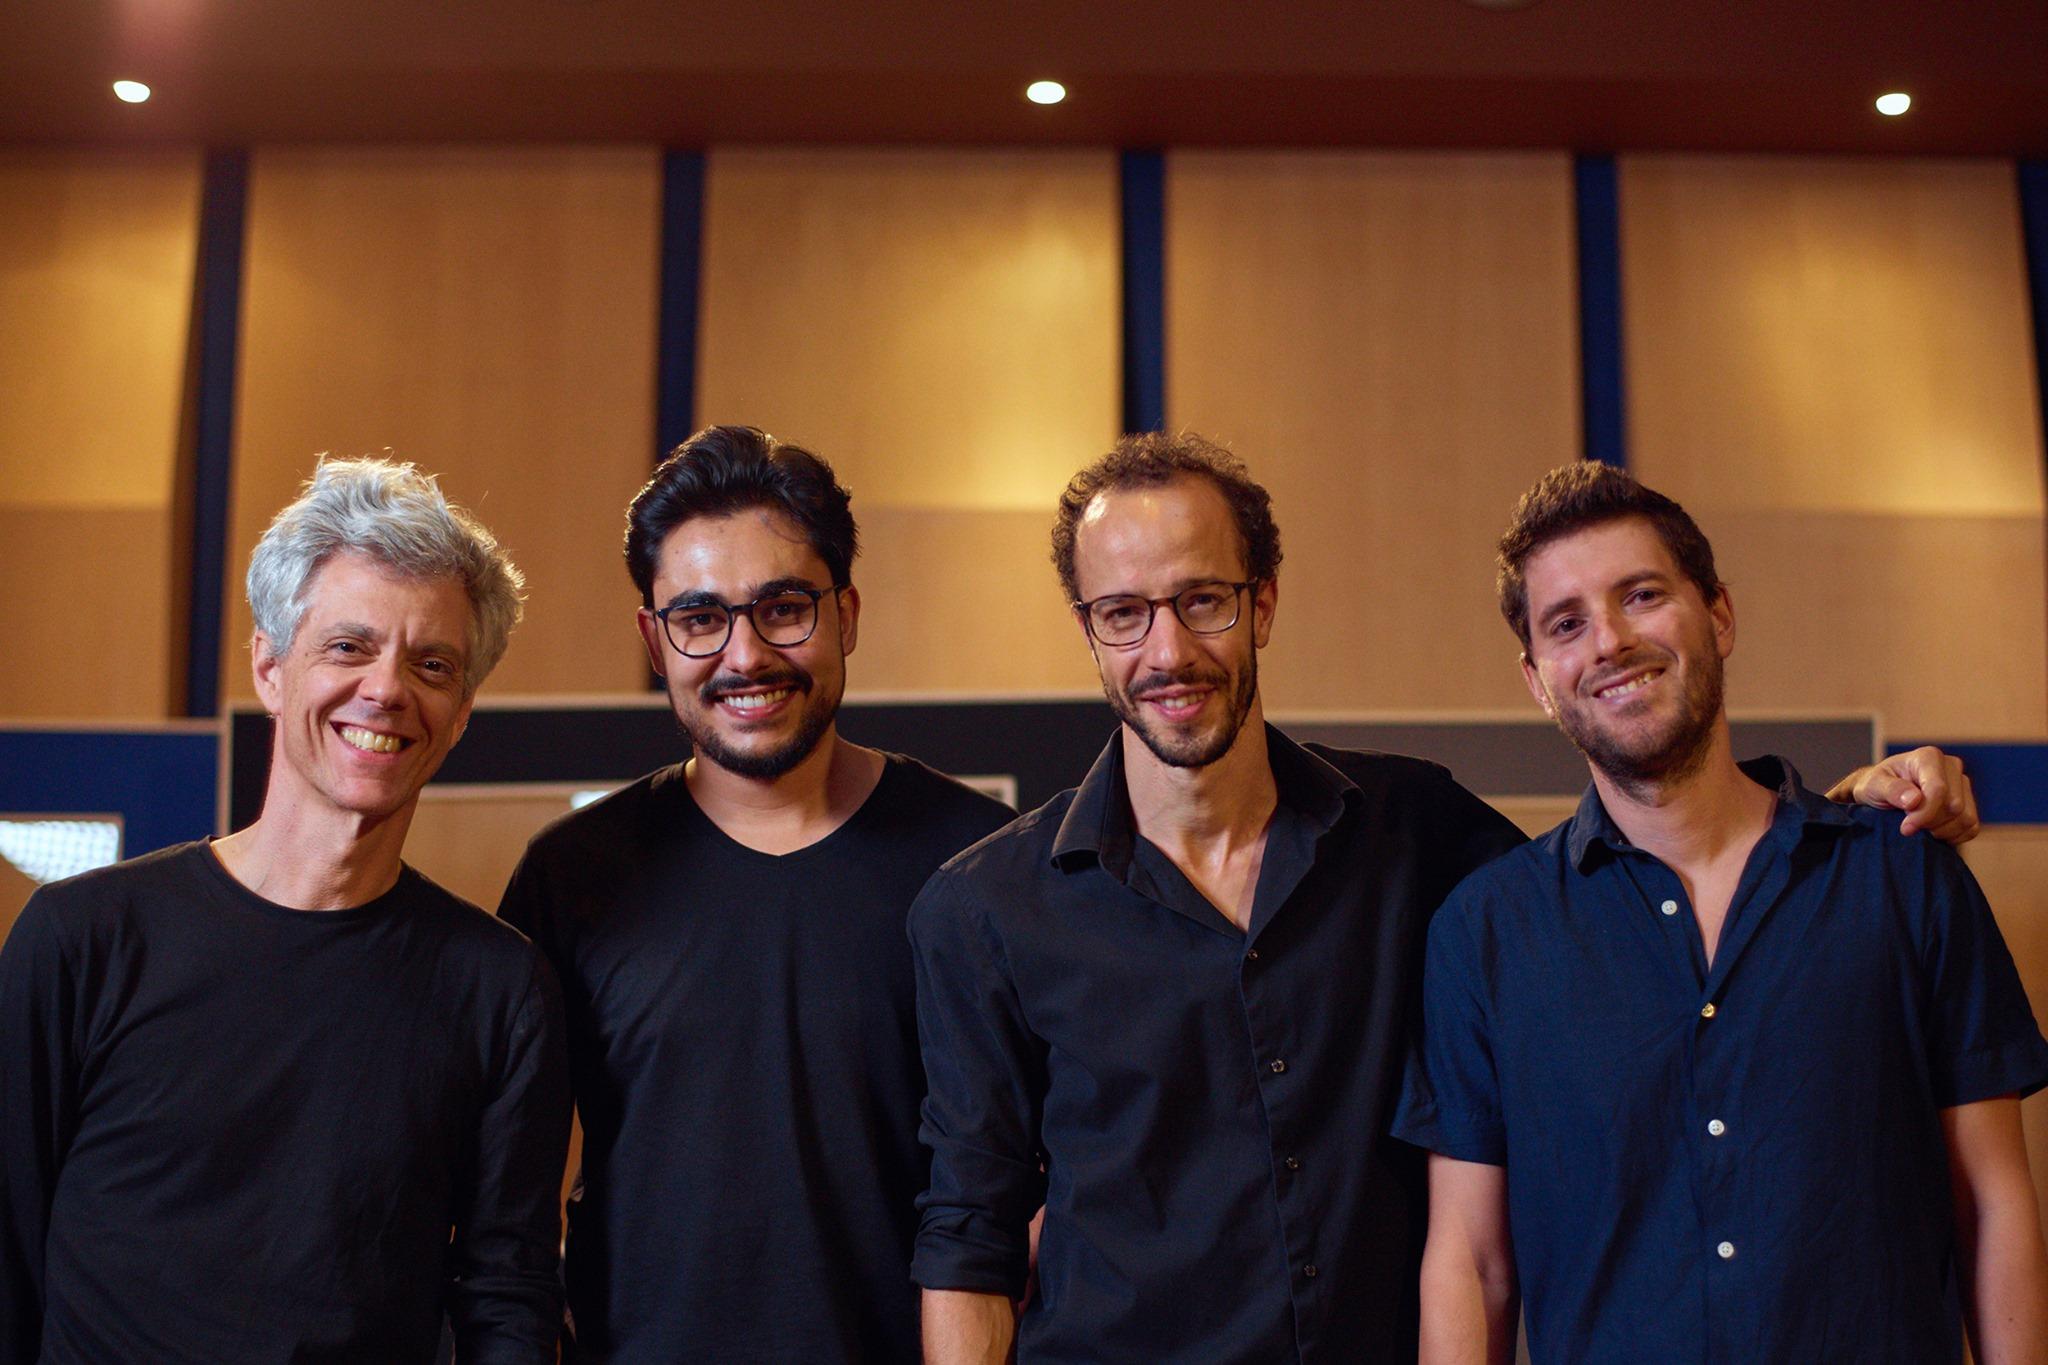 [ADIADO] Júlio Resende - Fado Jazz Ensemble